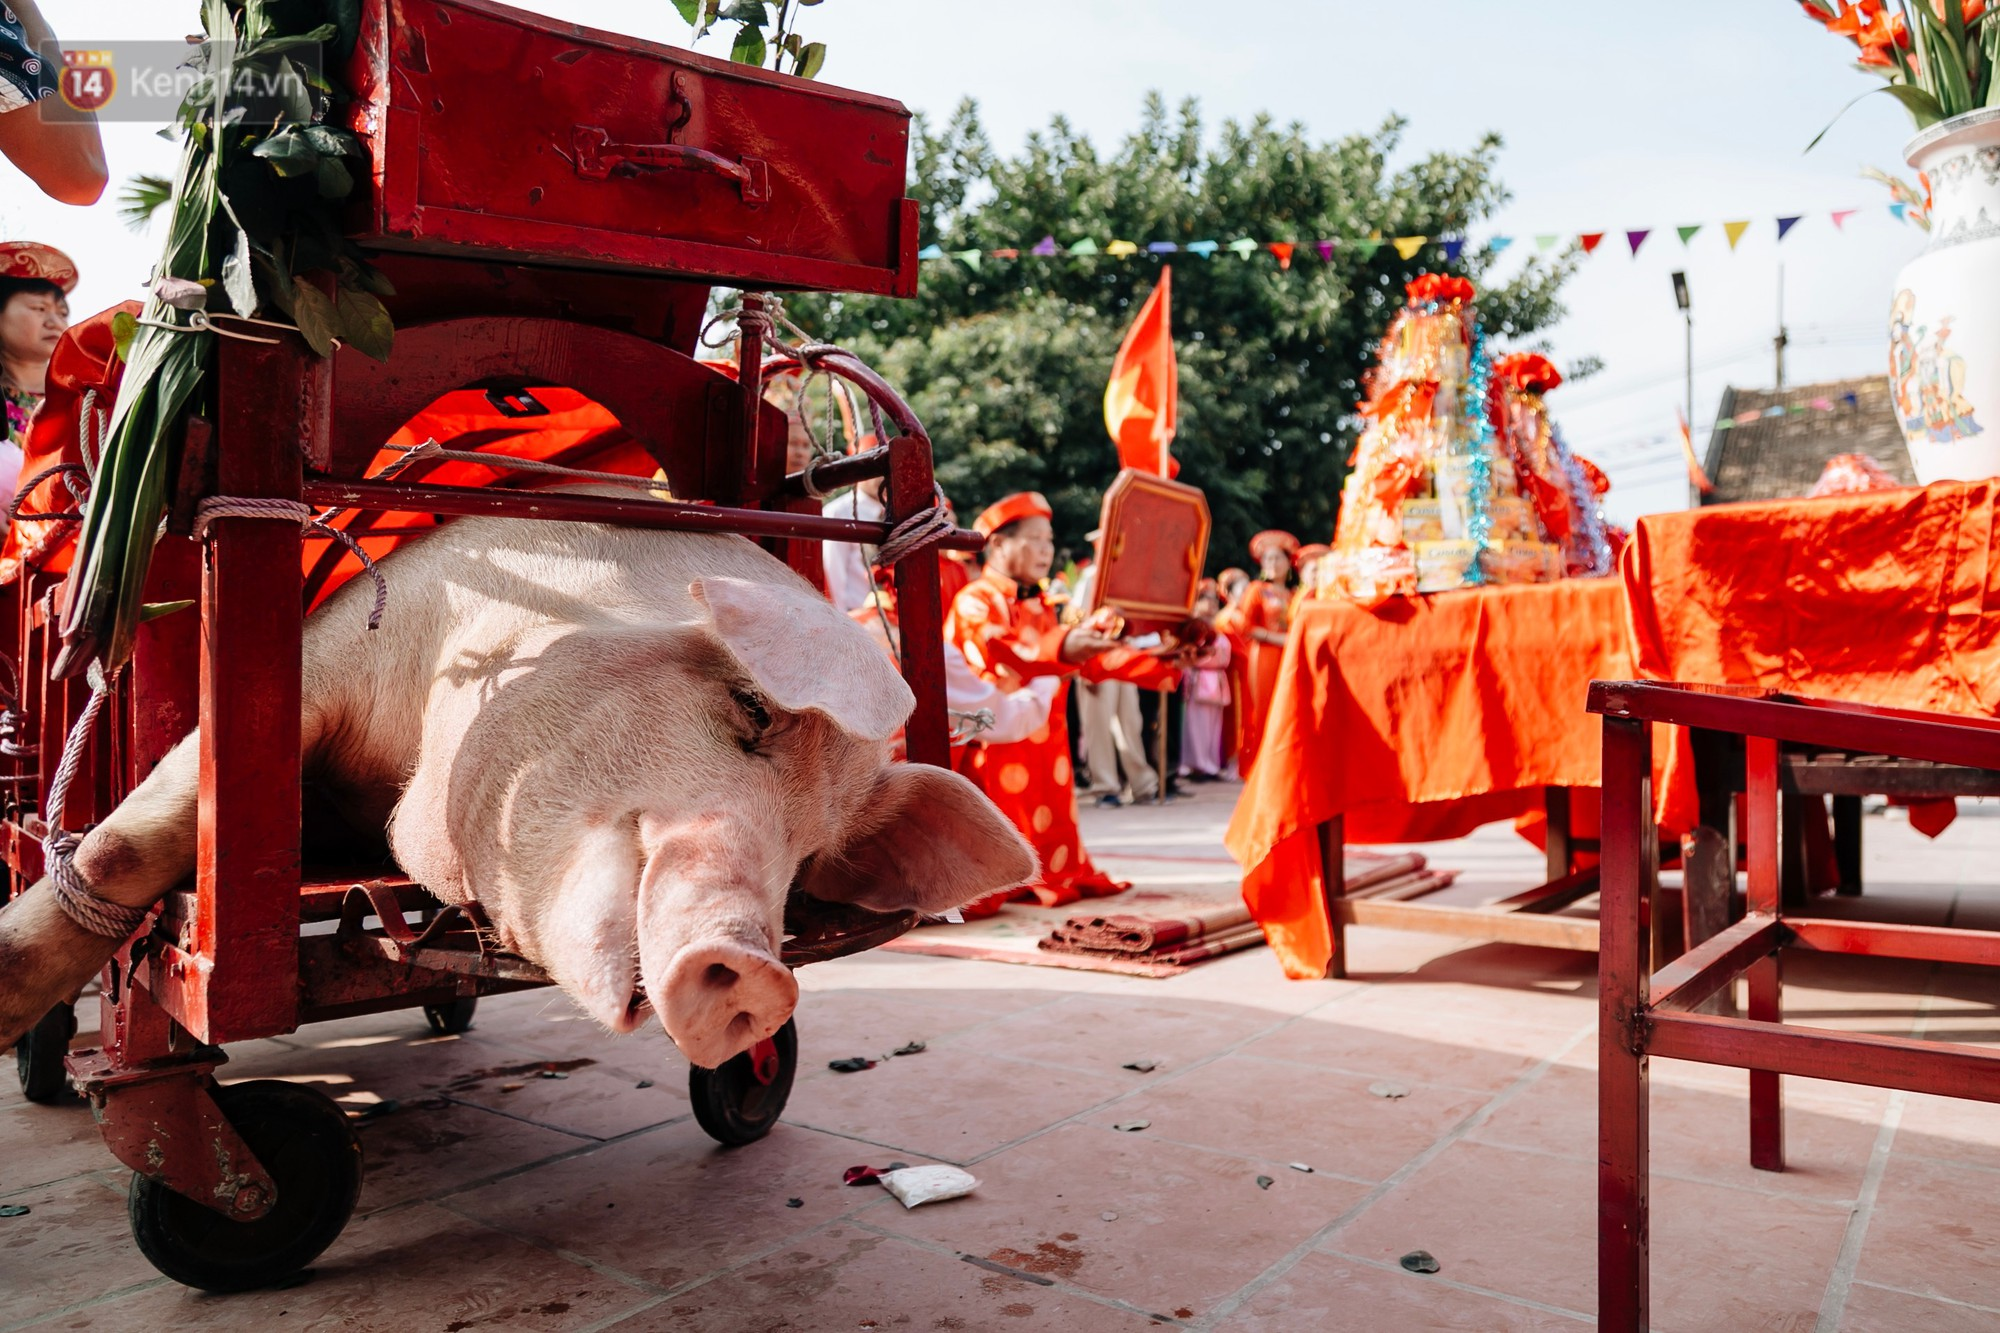 Ảnh, clip: Hàng trăm người dân tập trung chứng kiến nghi lễ chém lợn kín ngày đầu năm, máu 2 ông Ỉn chảy lênh láng - Ảnh 5.